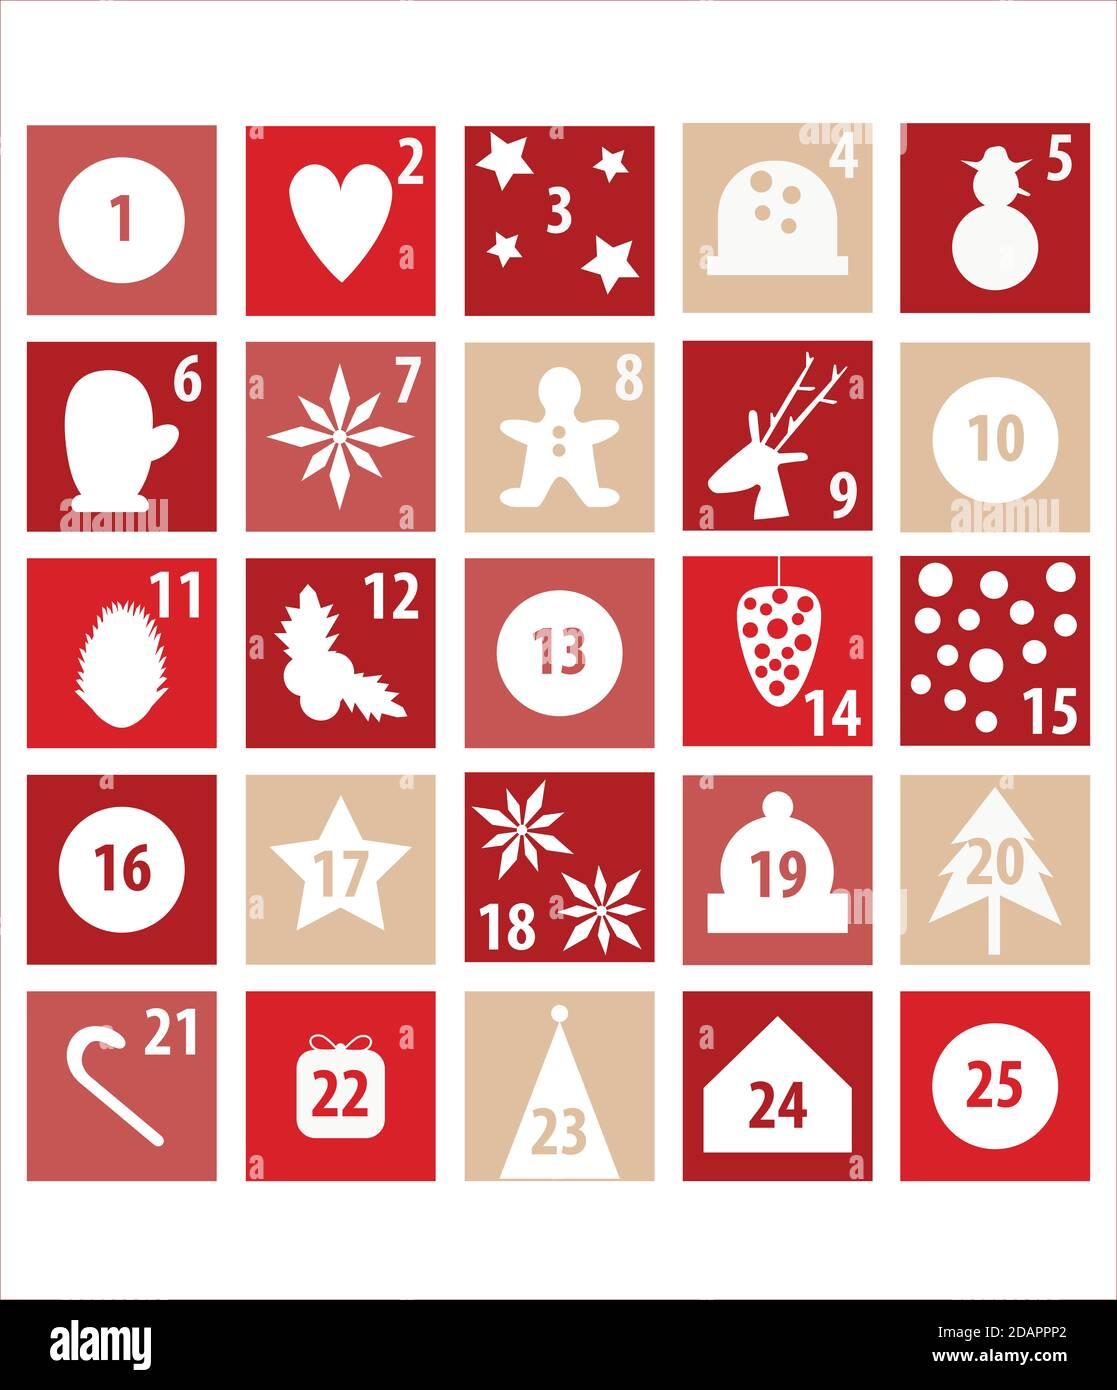 Illustration du calendrier de l'Avent pour le compte à rebours de Noël. Rouge et blanc avec symboles Noël. Banque D'Images